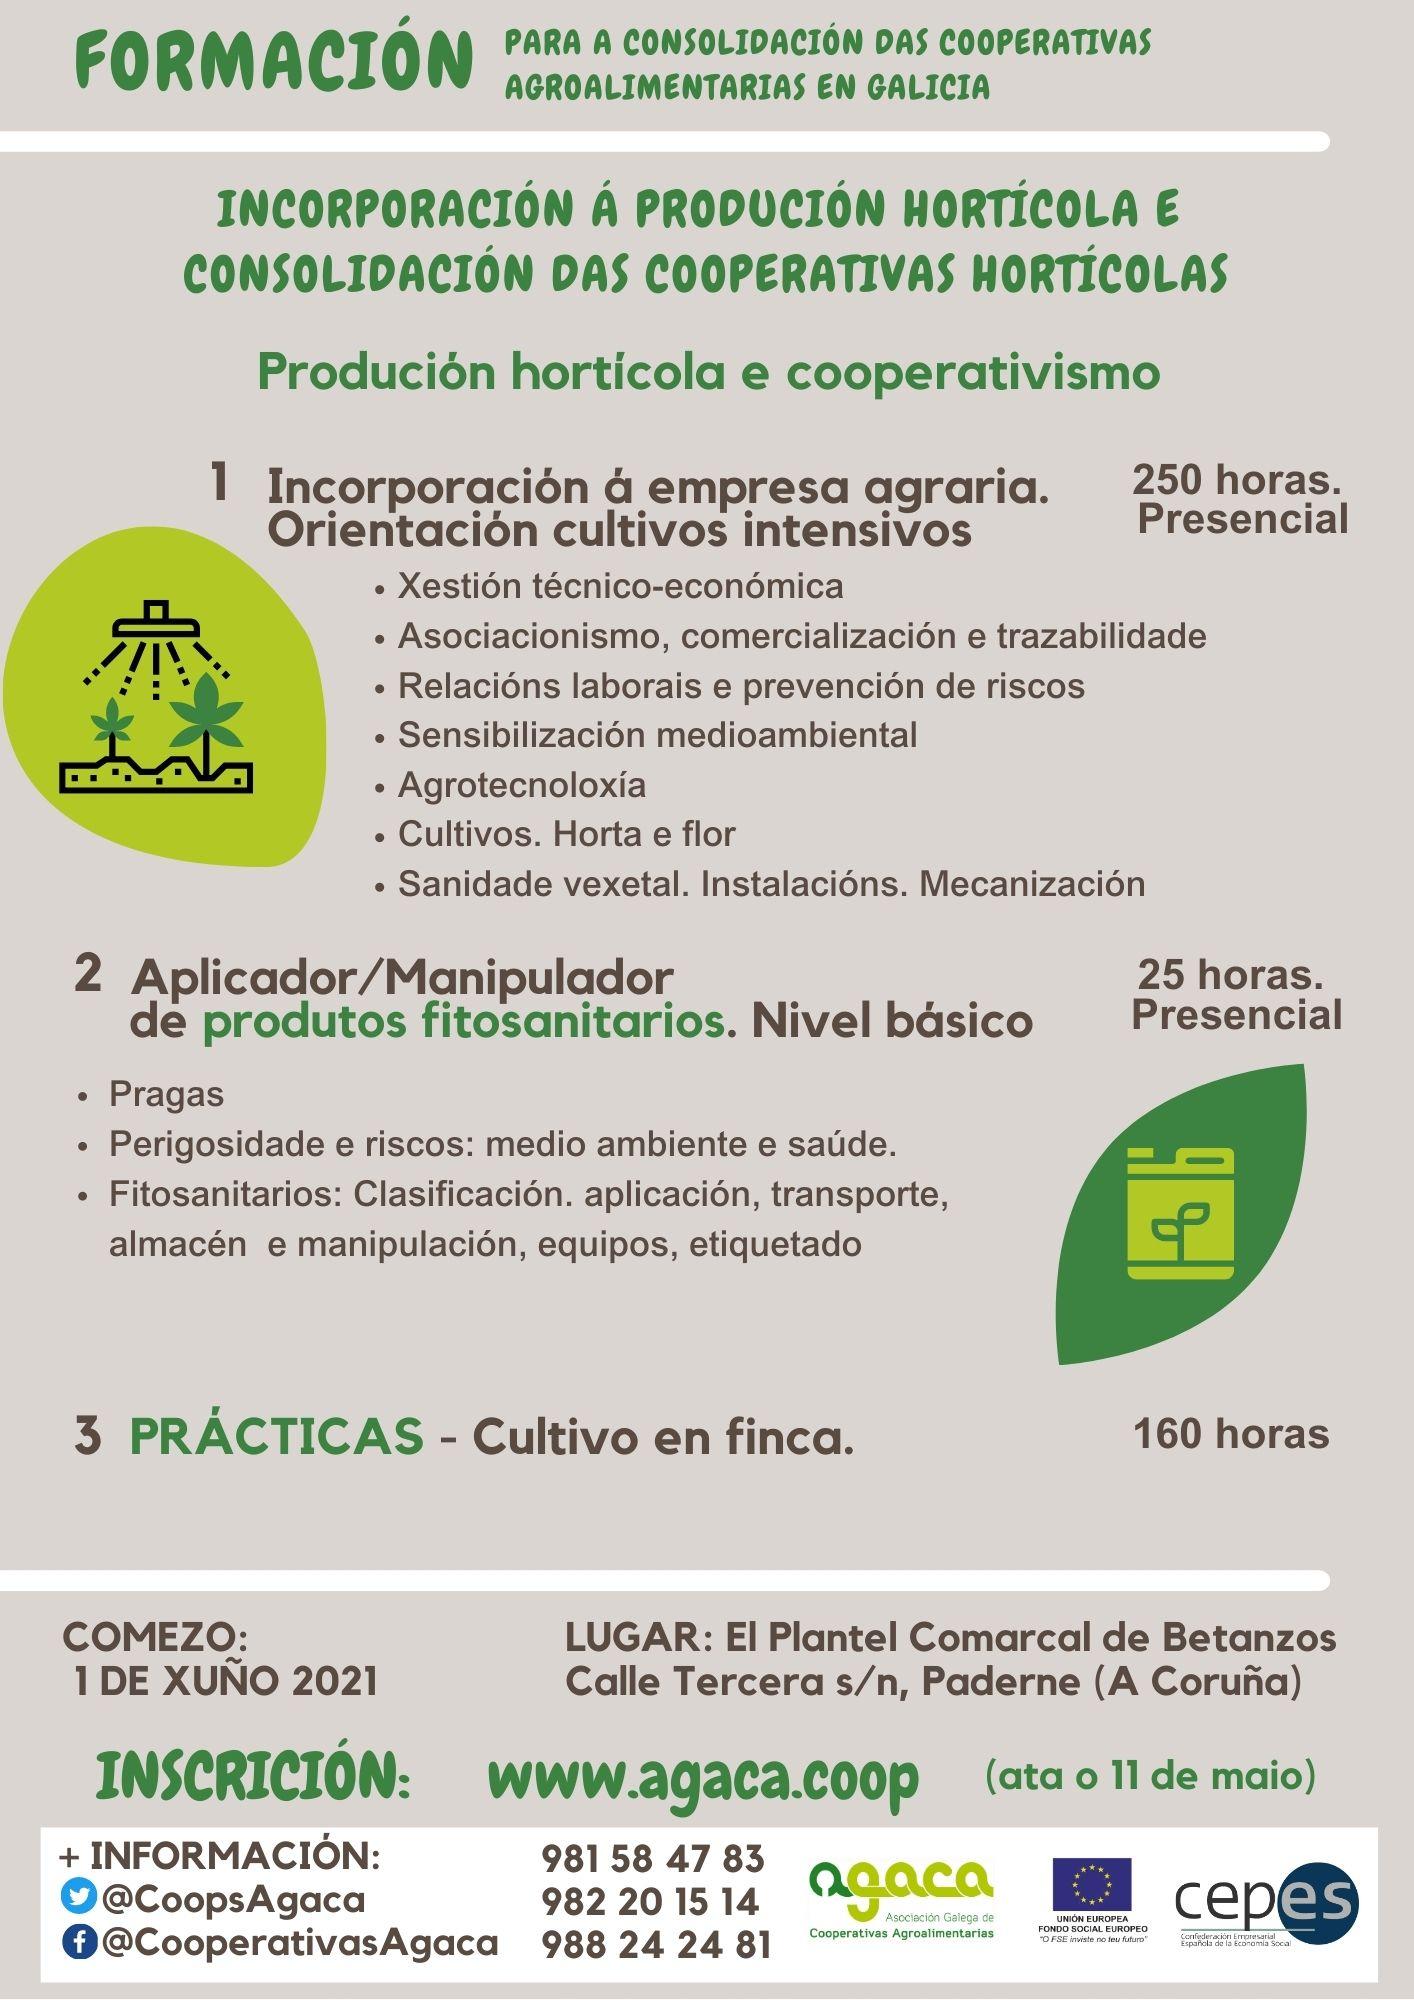 cepes-agaca-2021-formacion-cultivo-intensivo